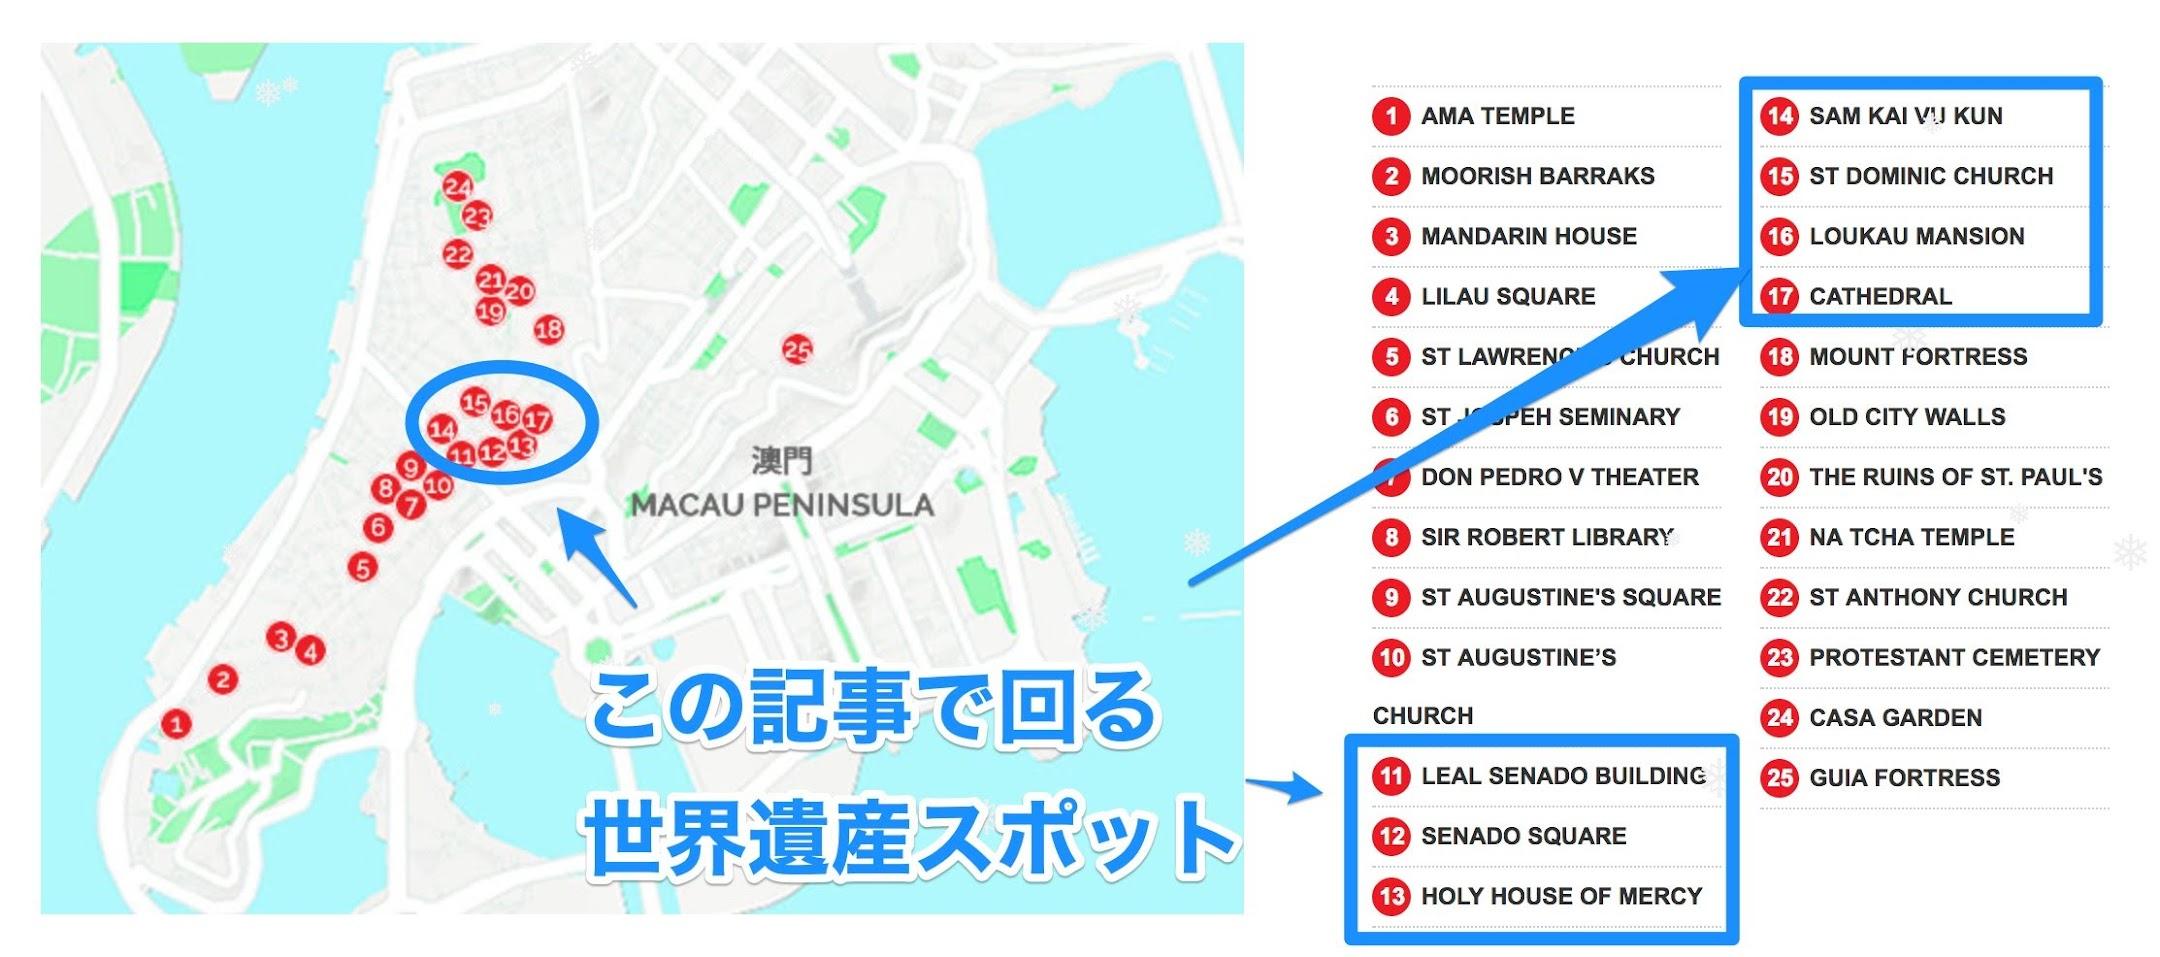 マカオ 世界遺産 地図